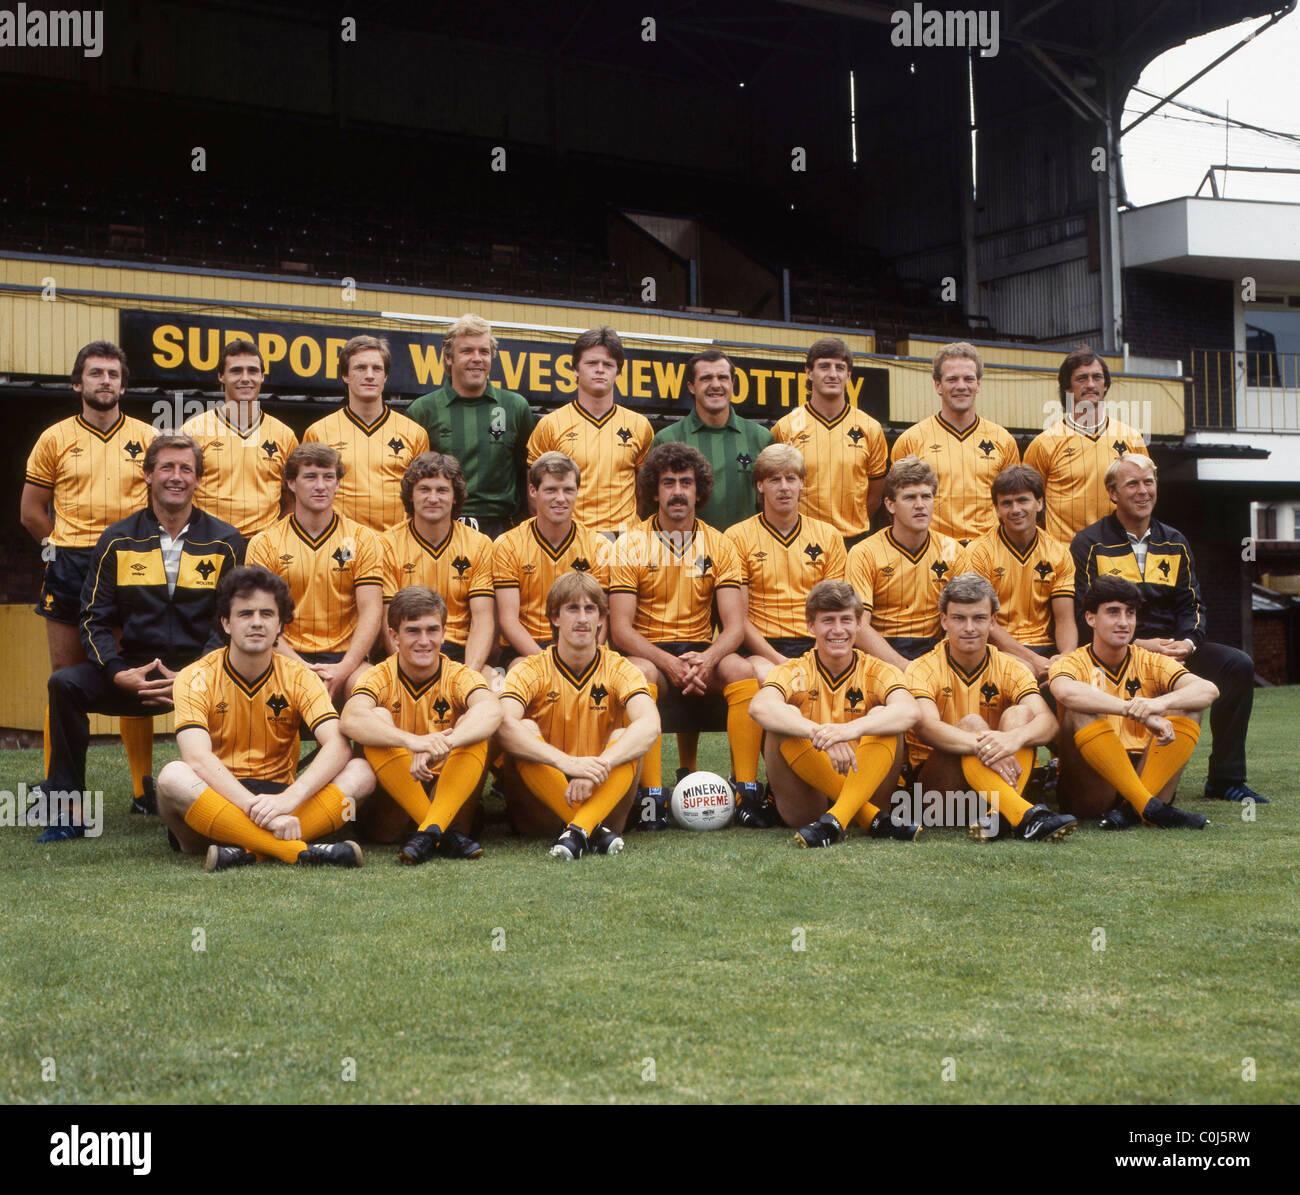 Wolverhampton Wanderers-Fußballmannschaft 1983 / 1984-Saison Stockbild